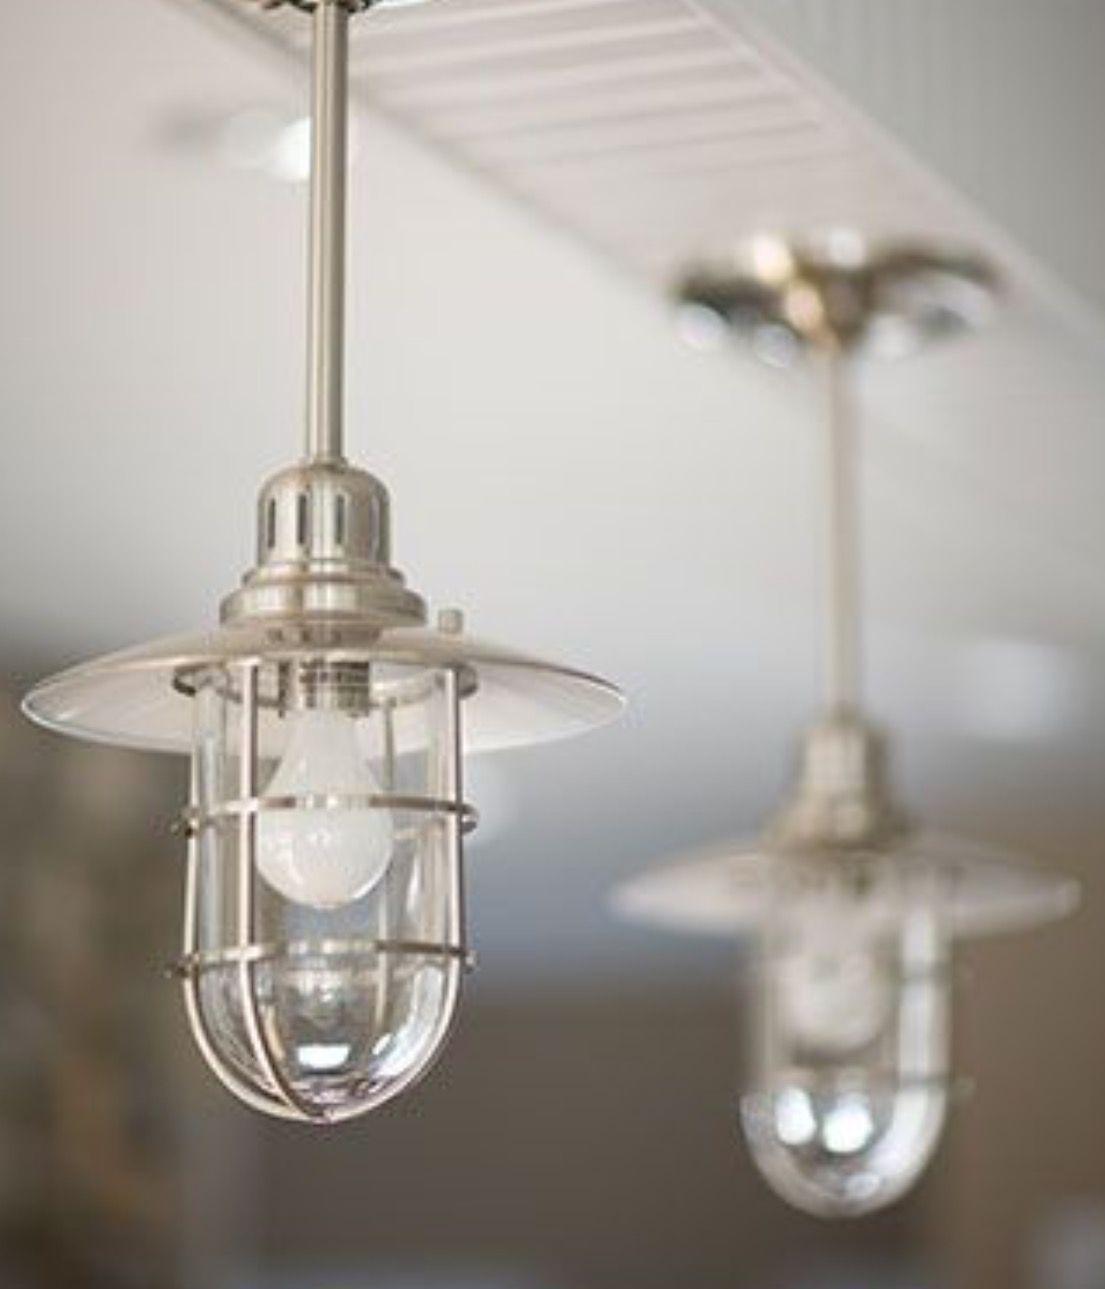 Use Drop Industrial Nautical Lighting Instead Of Can Lights Nautical Kitchen Nautical Lighting Light Fixtures